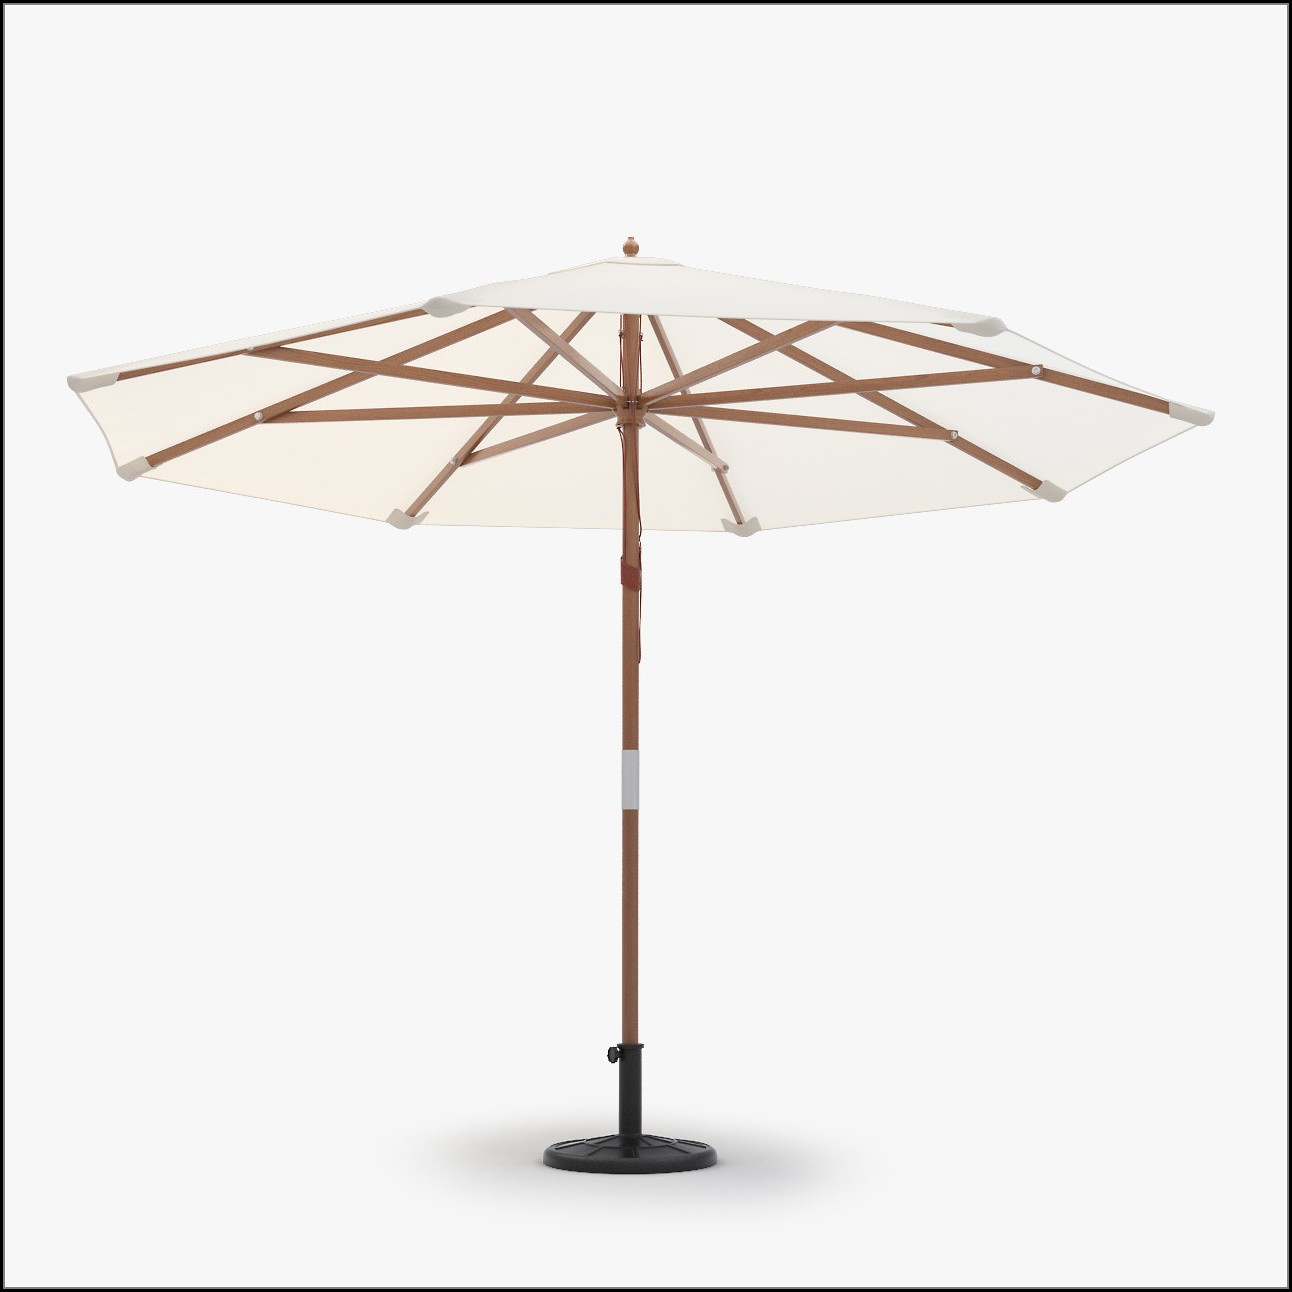 Free Standing Outdoor Umbrella